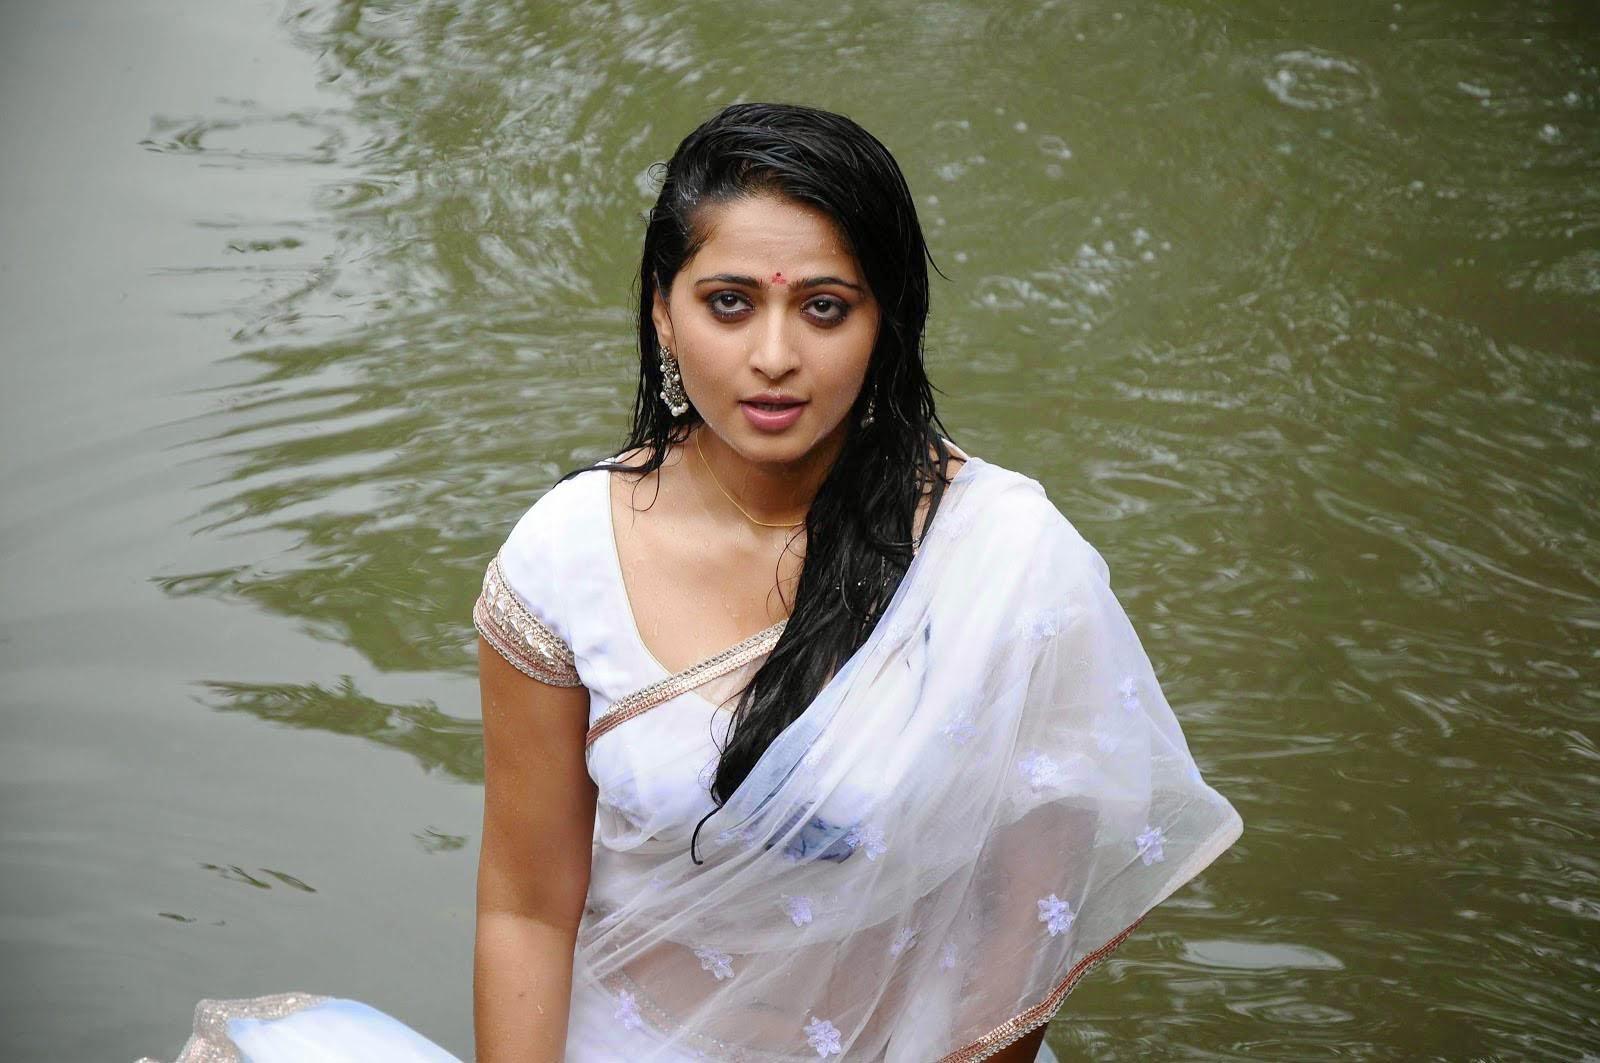 Actress Hd Gallery Hd Actress Gallery Anushka Shetty